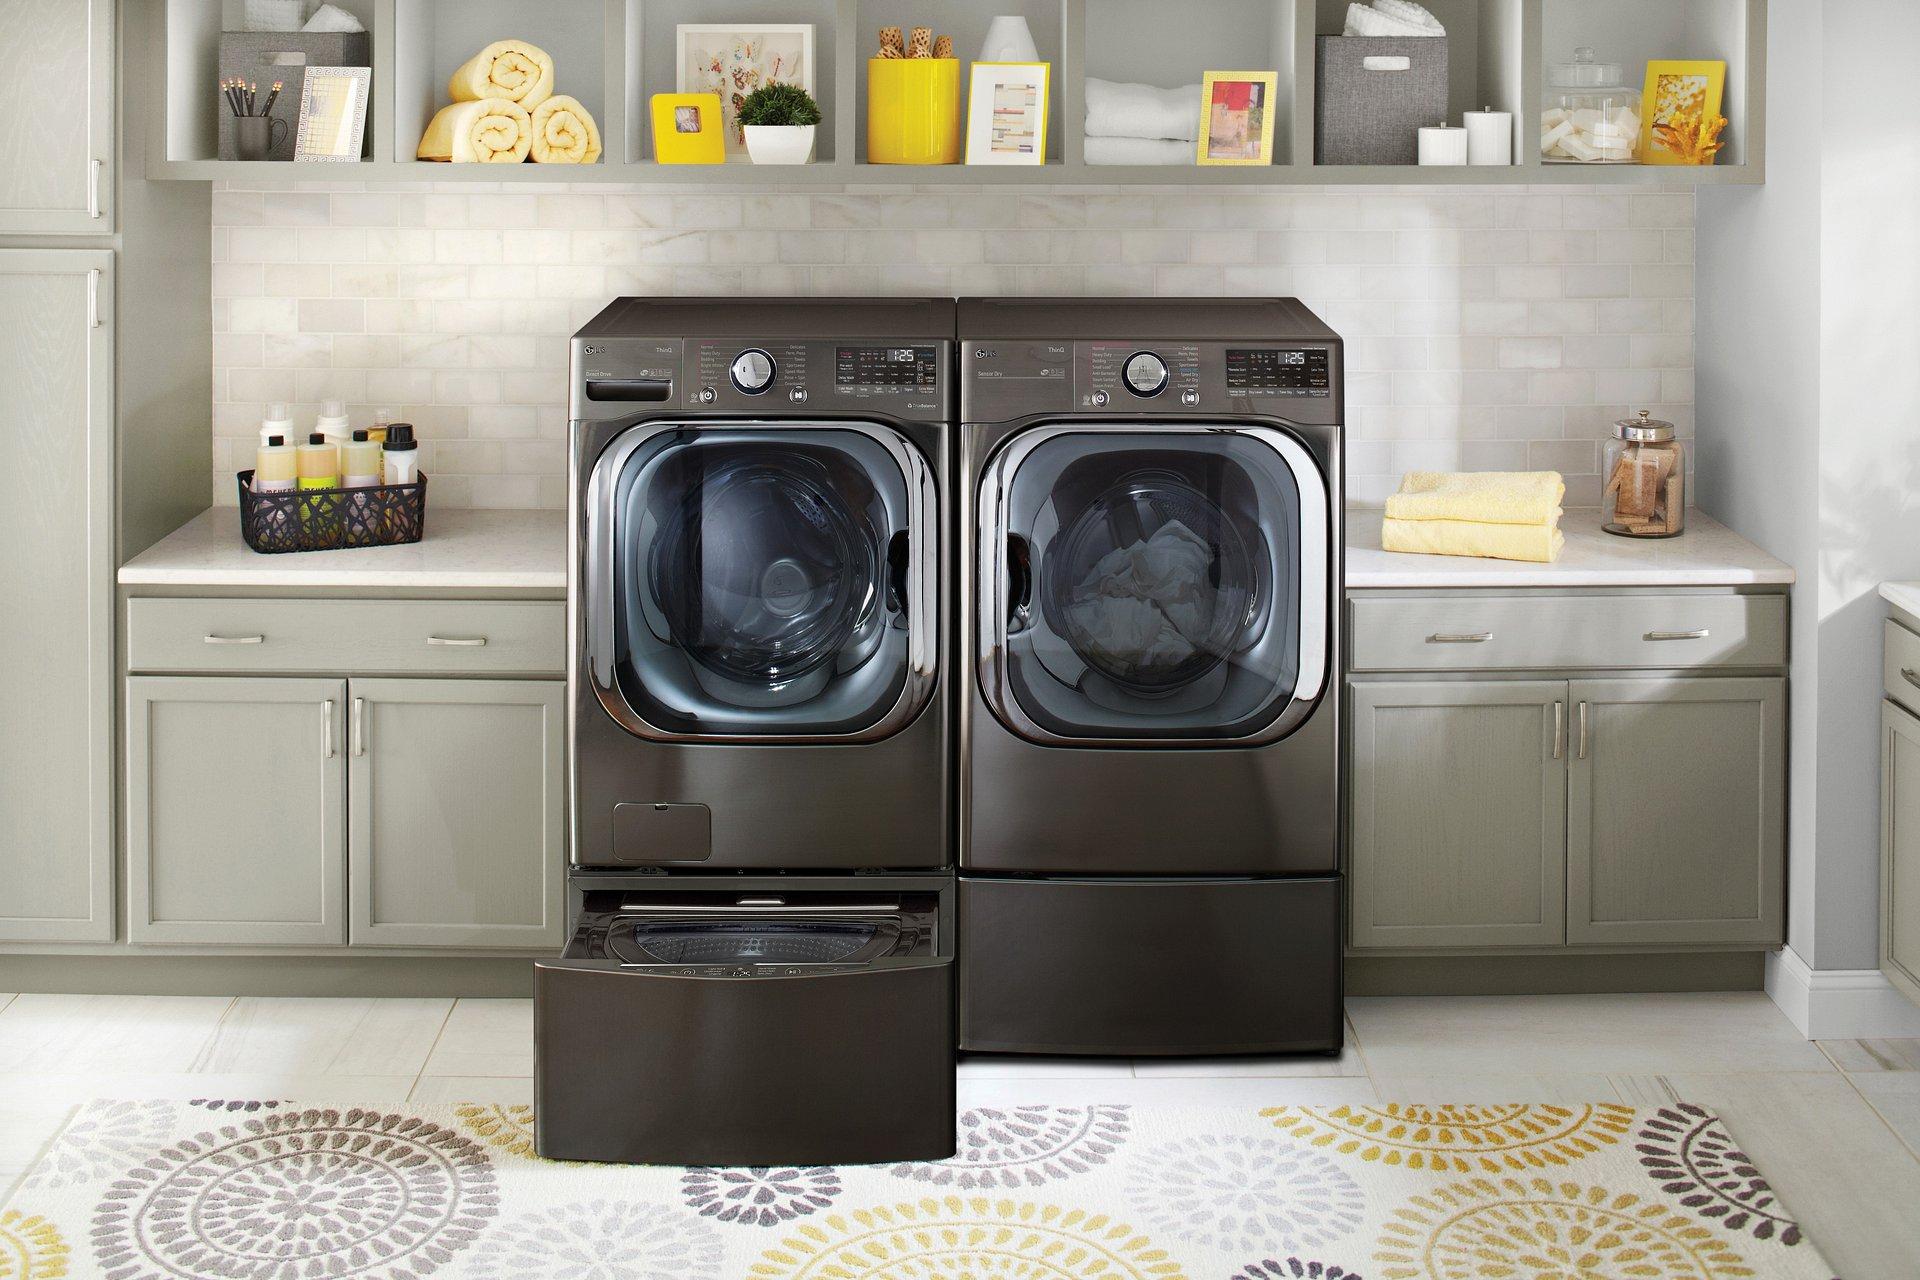 CES 2020: LG prezentuje innowacyjną pralkę nowej generacji, wyposażoną w sztuczną inteligencję